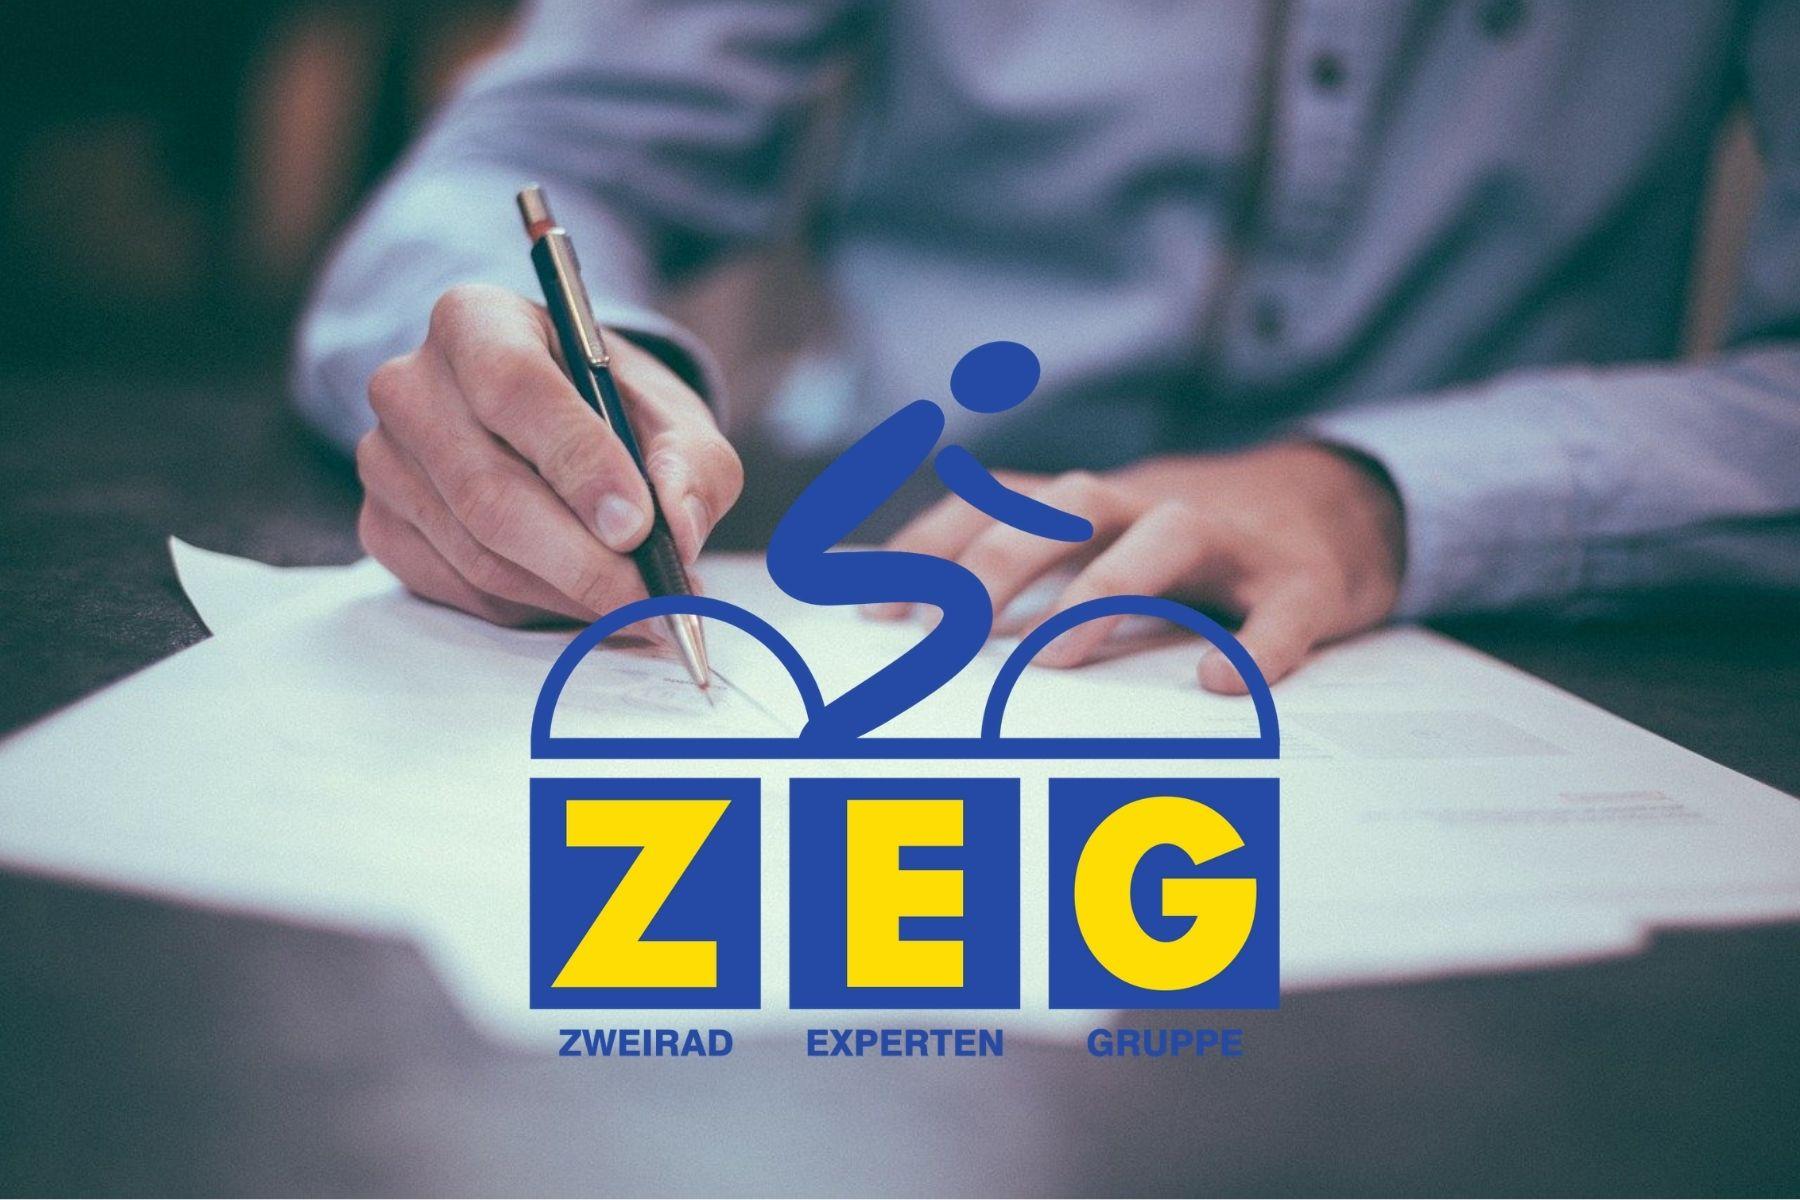 Brandbrief ZEG: Macht die Fahrradläden auf!